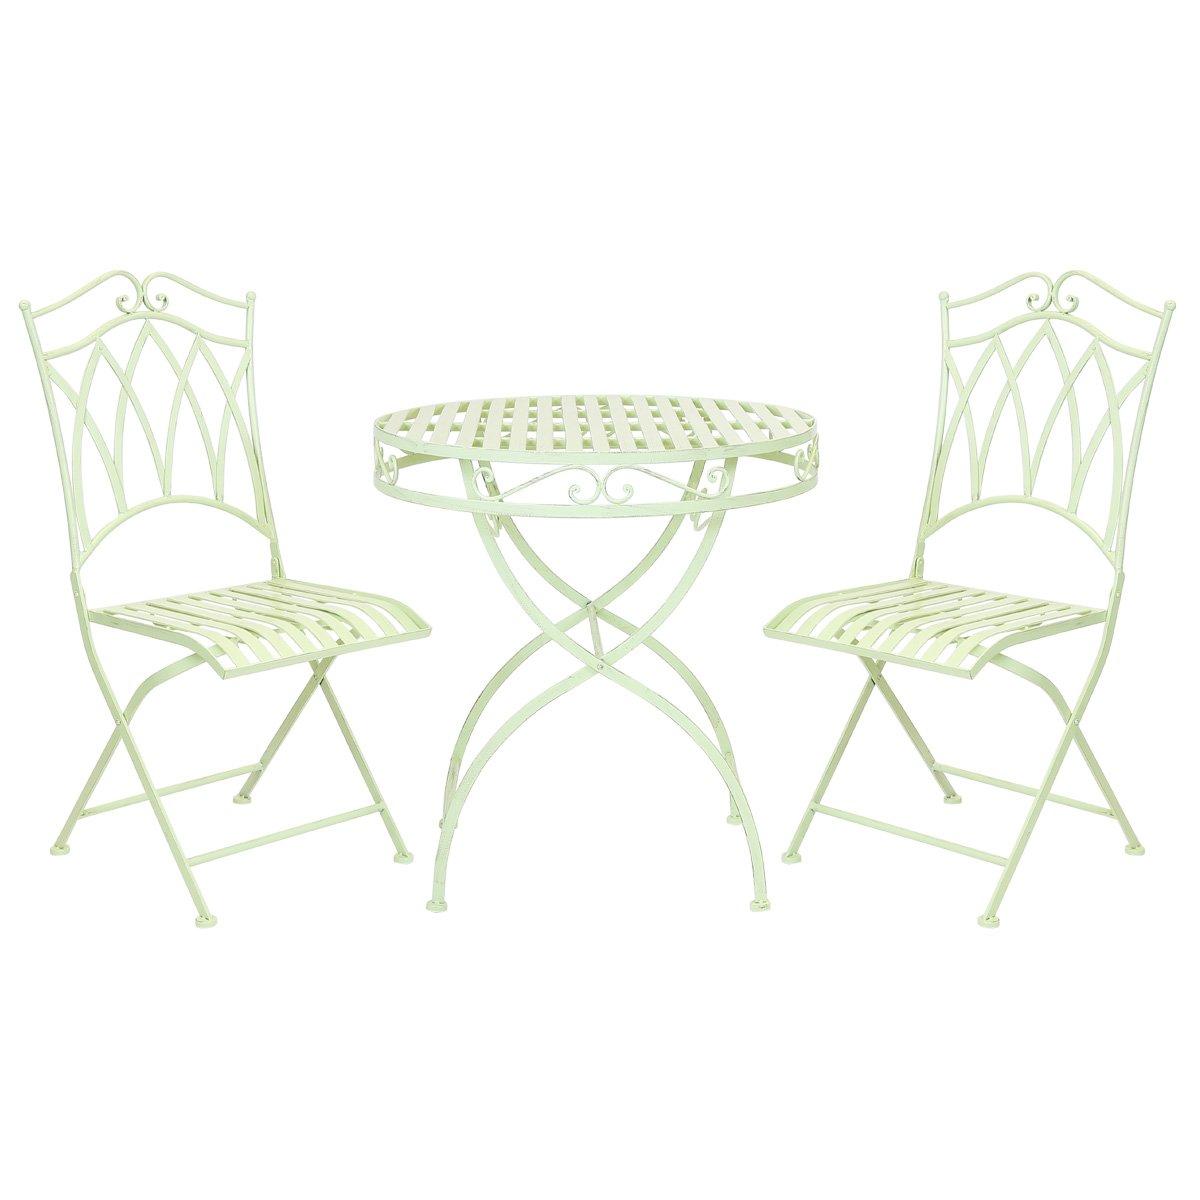 Bentley Garden – Bistro-Sitzgarnitur – Tisch & 2 Stühle – Schmiedeeisen – Hellgrün bestellen